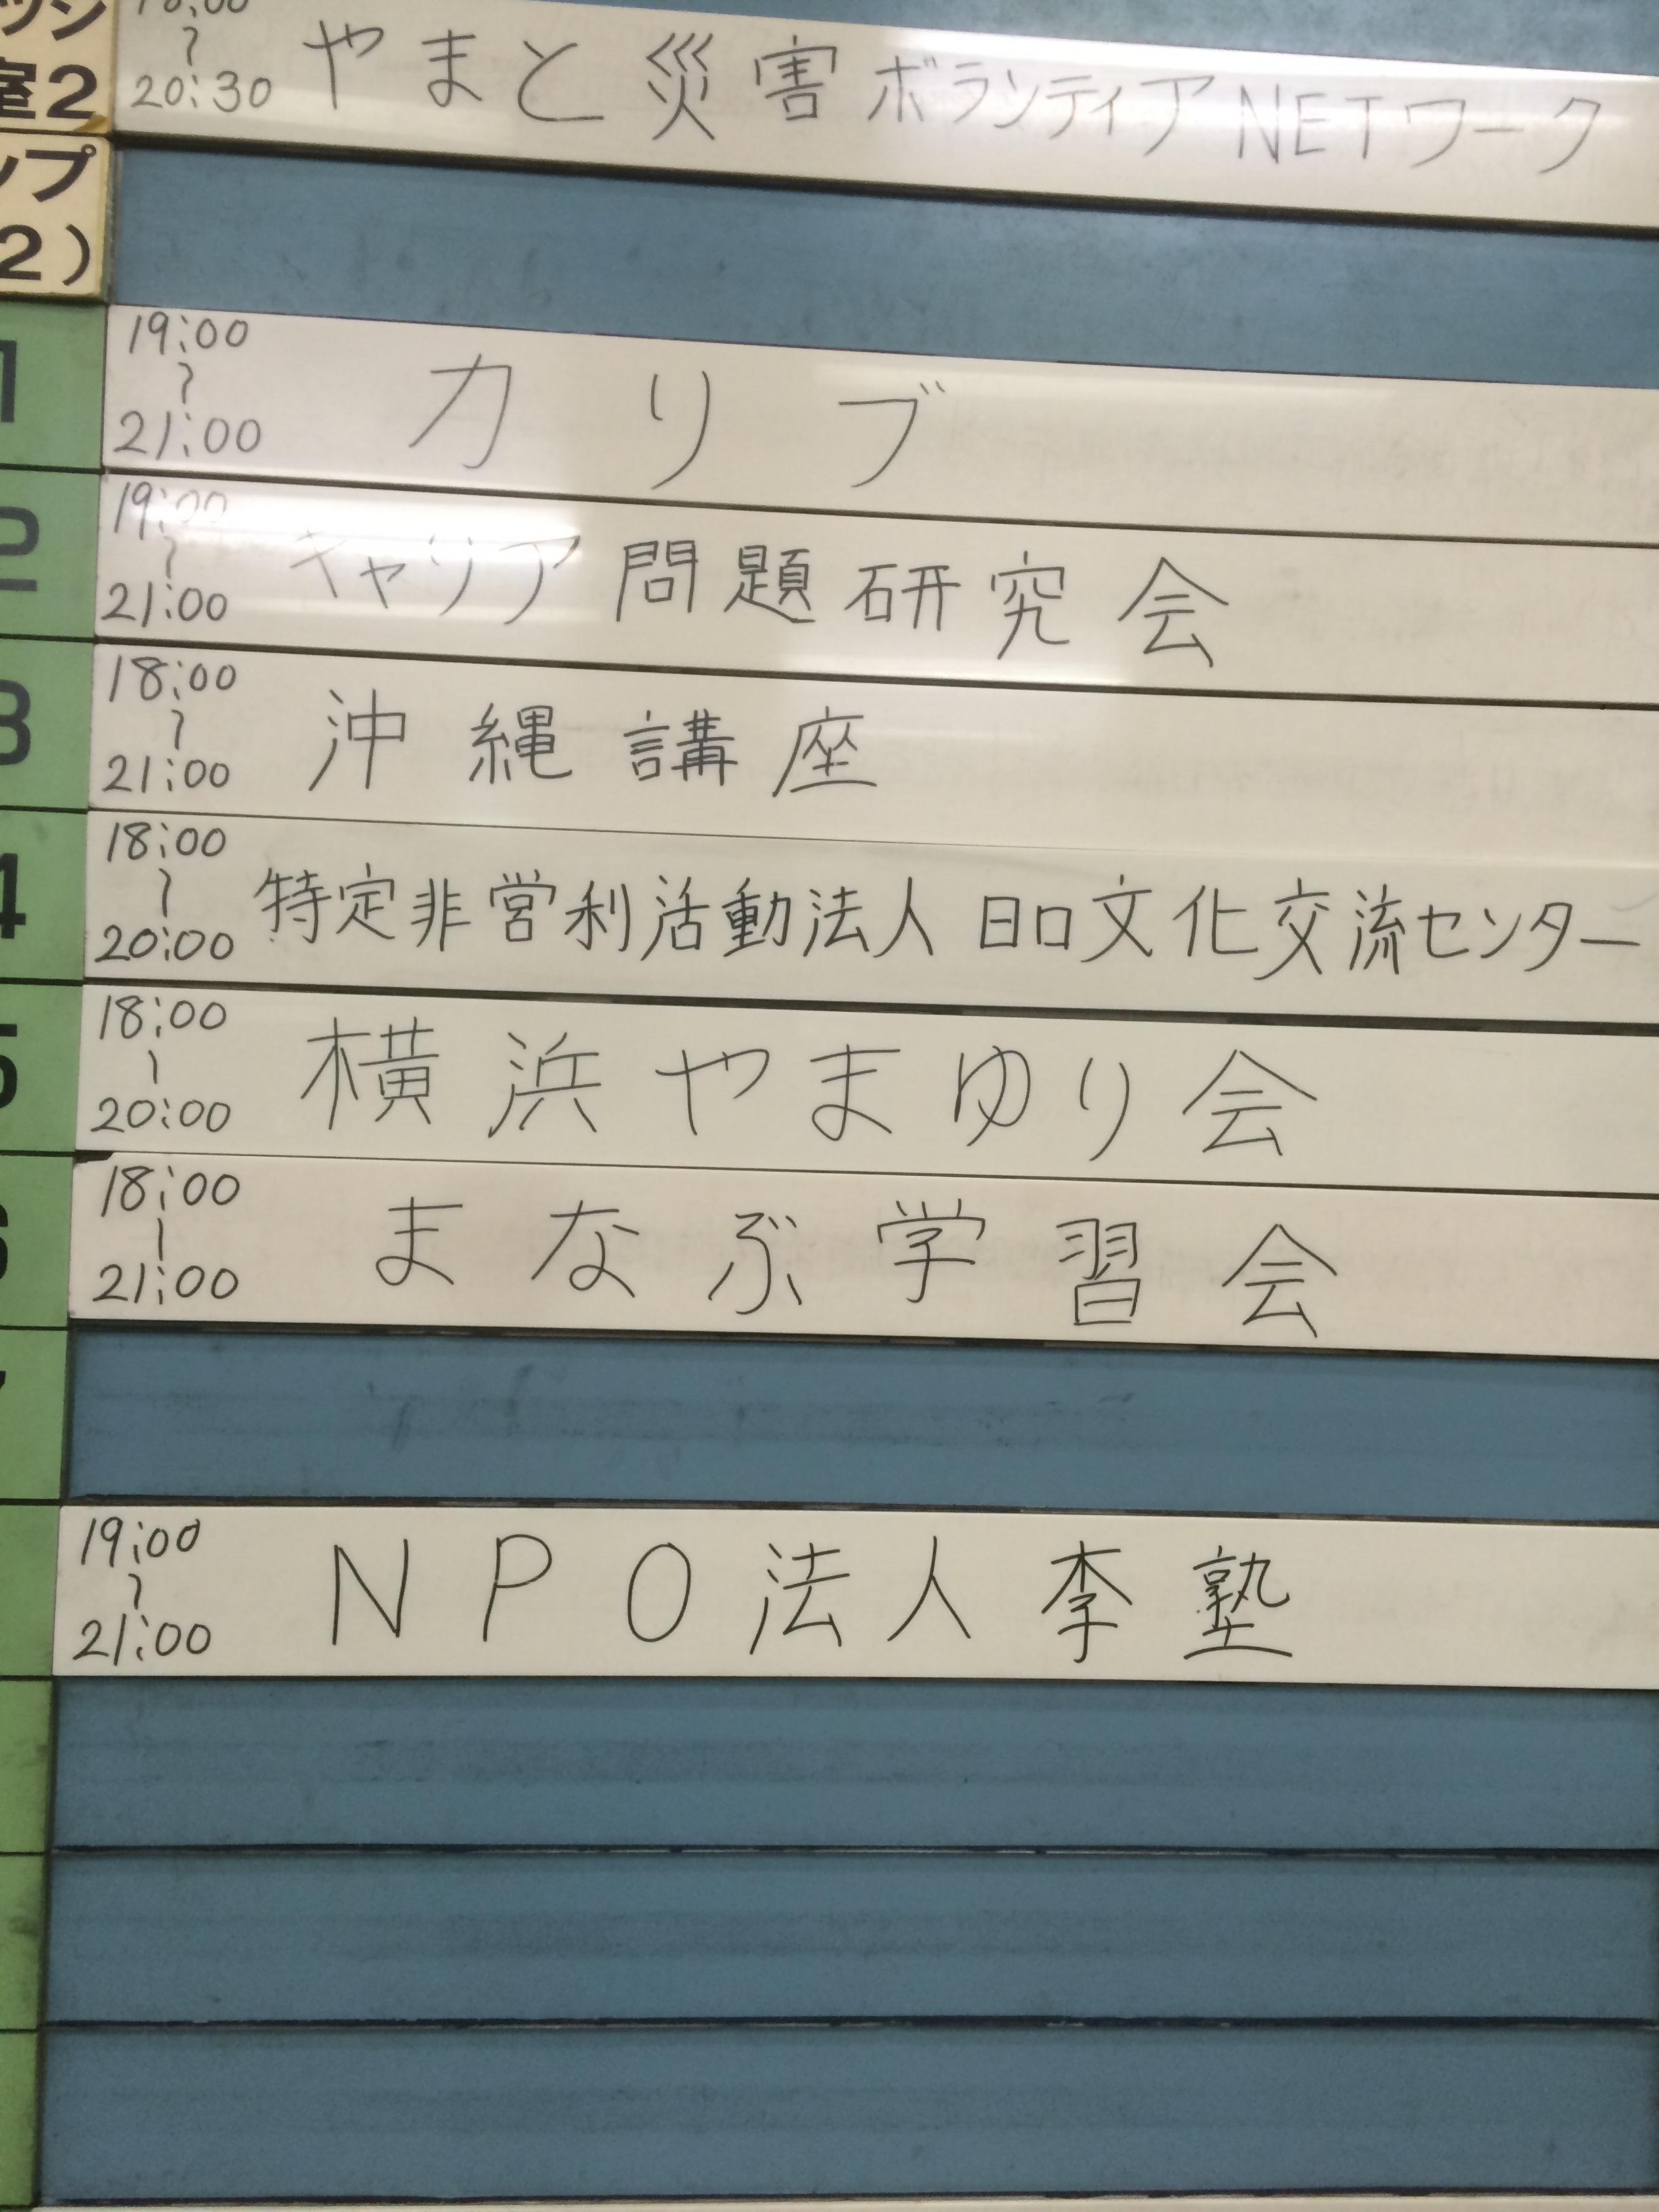 今月から横浜ではNPO法人李塾の名前が掲示されます。